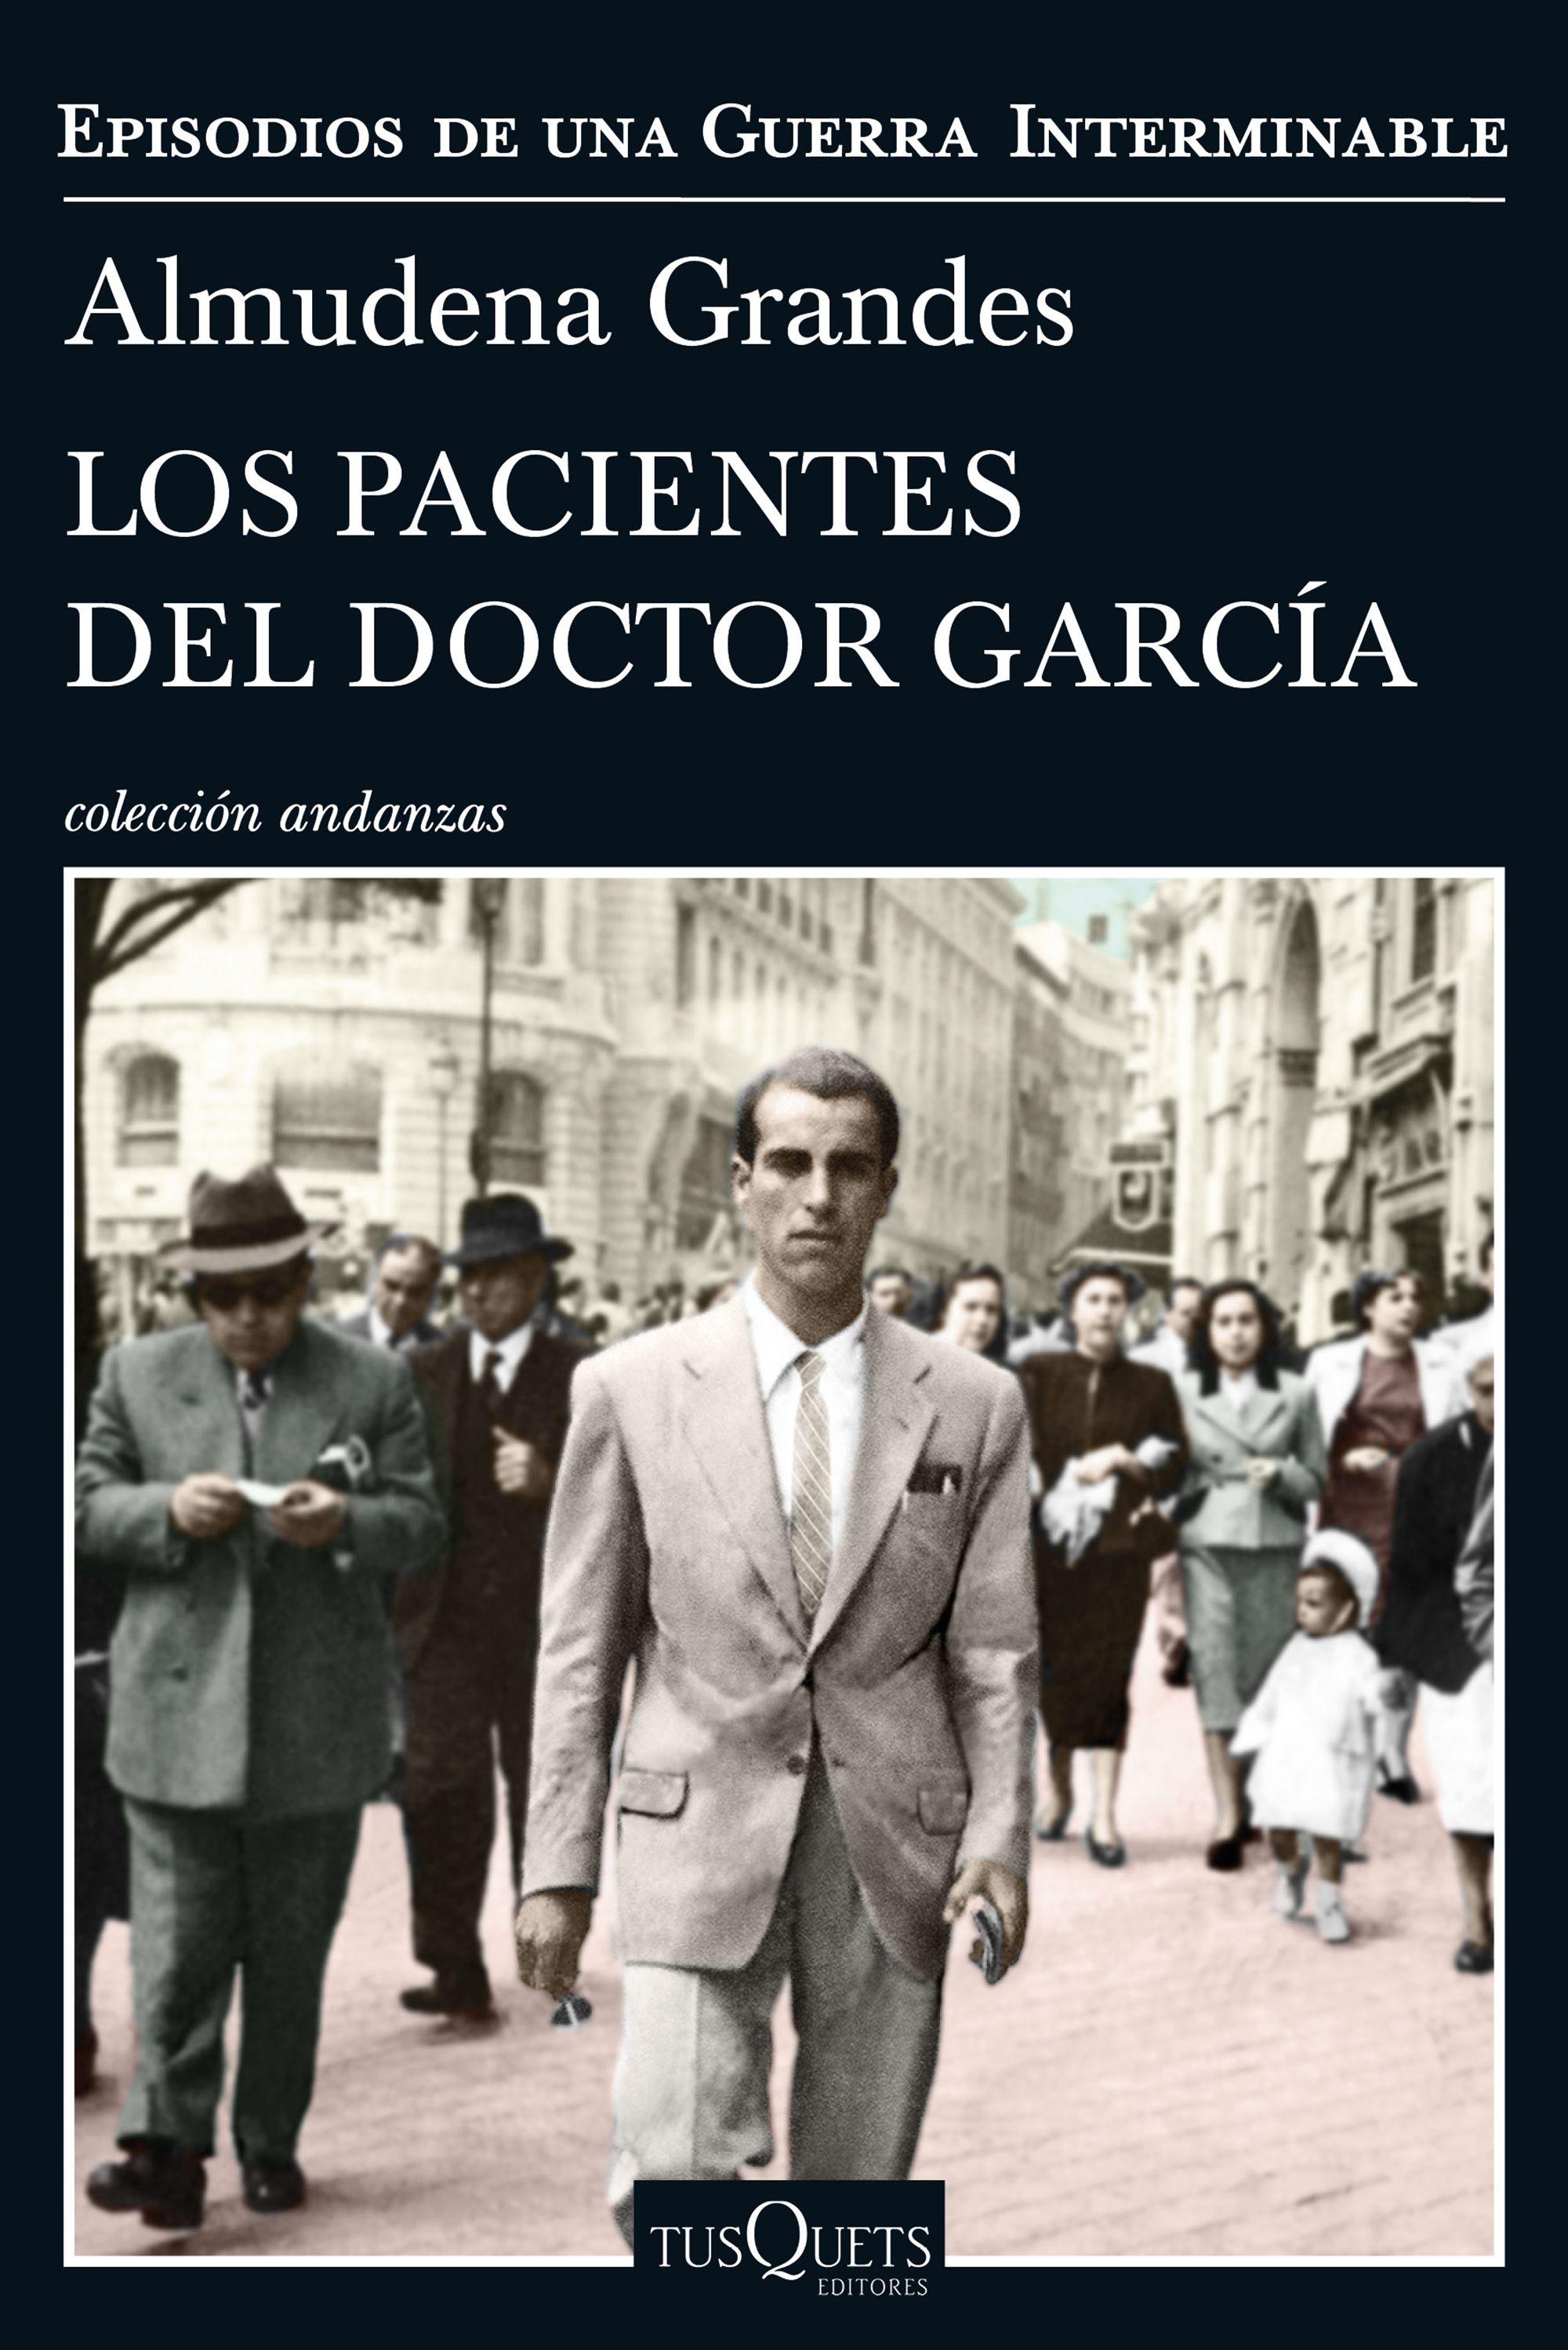 los pacientes del doctor garcia-almudena grandes-9788490664322